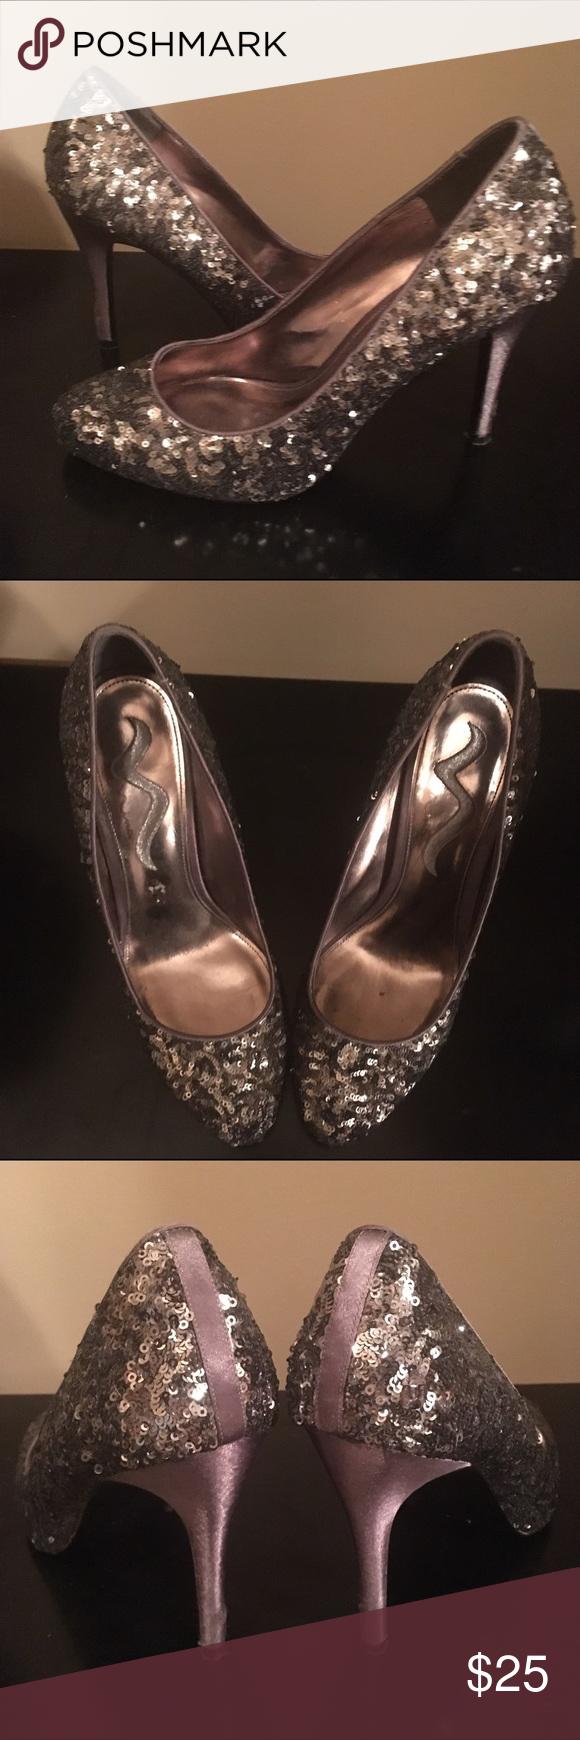 Nina Sequin heels Heels are in excellent condition size 9.5 Nina Shoes Heels